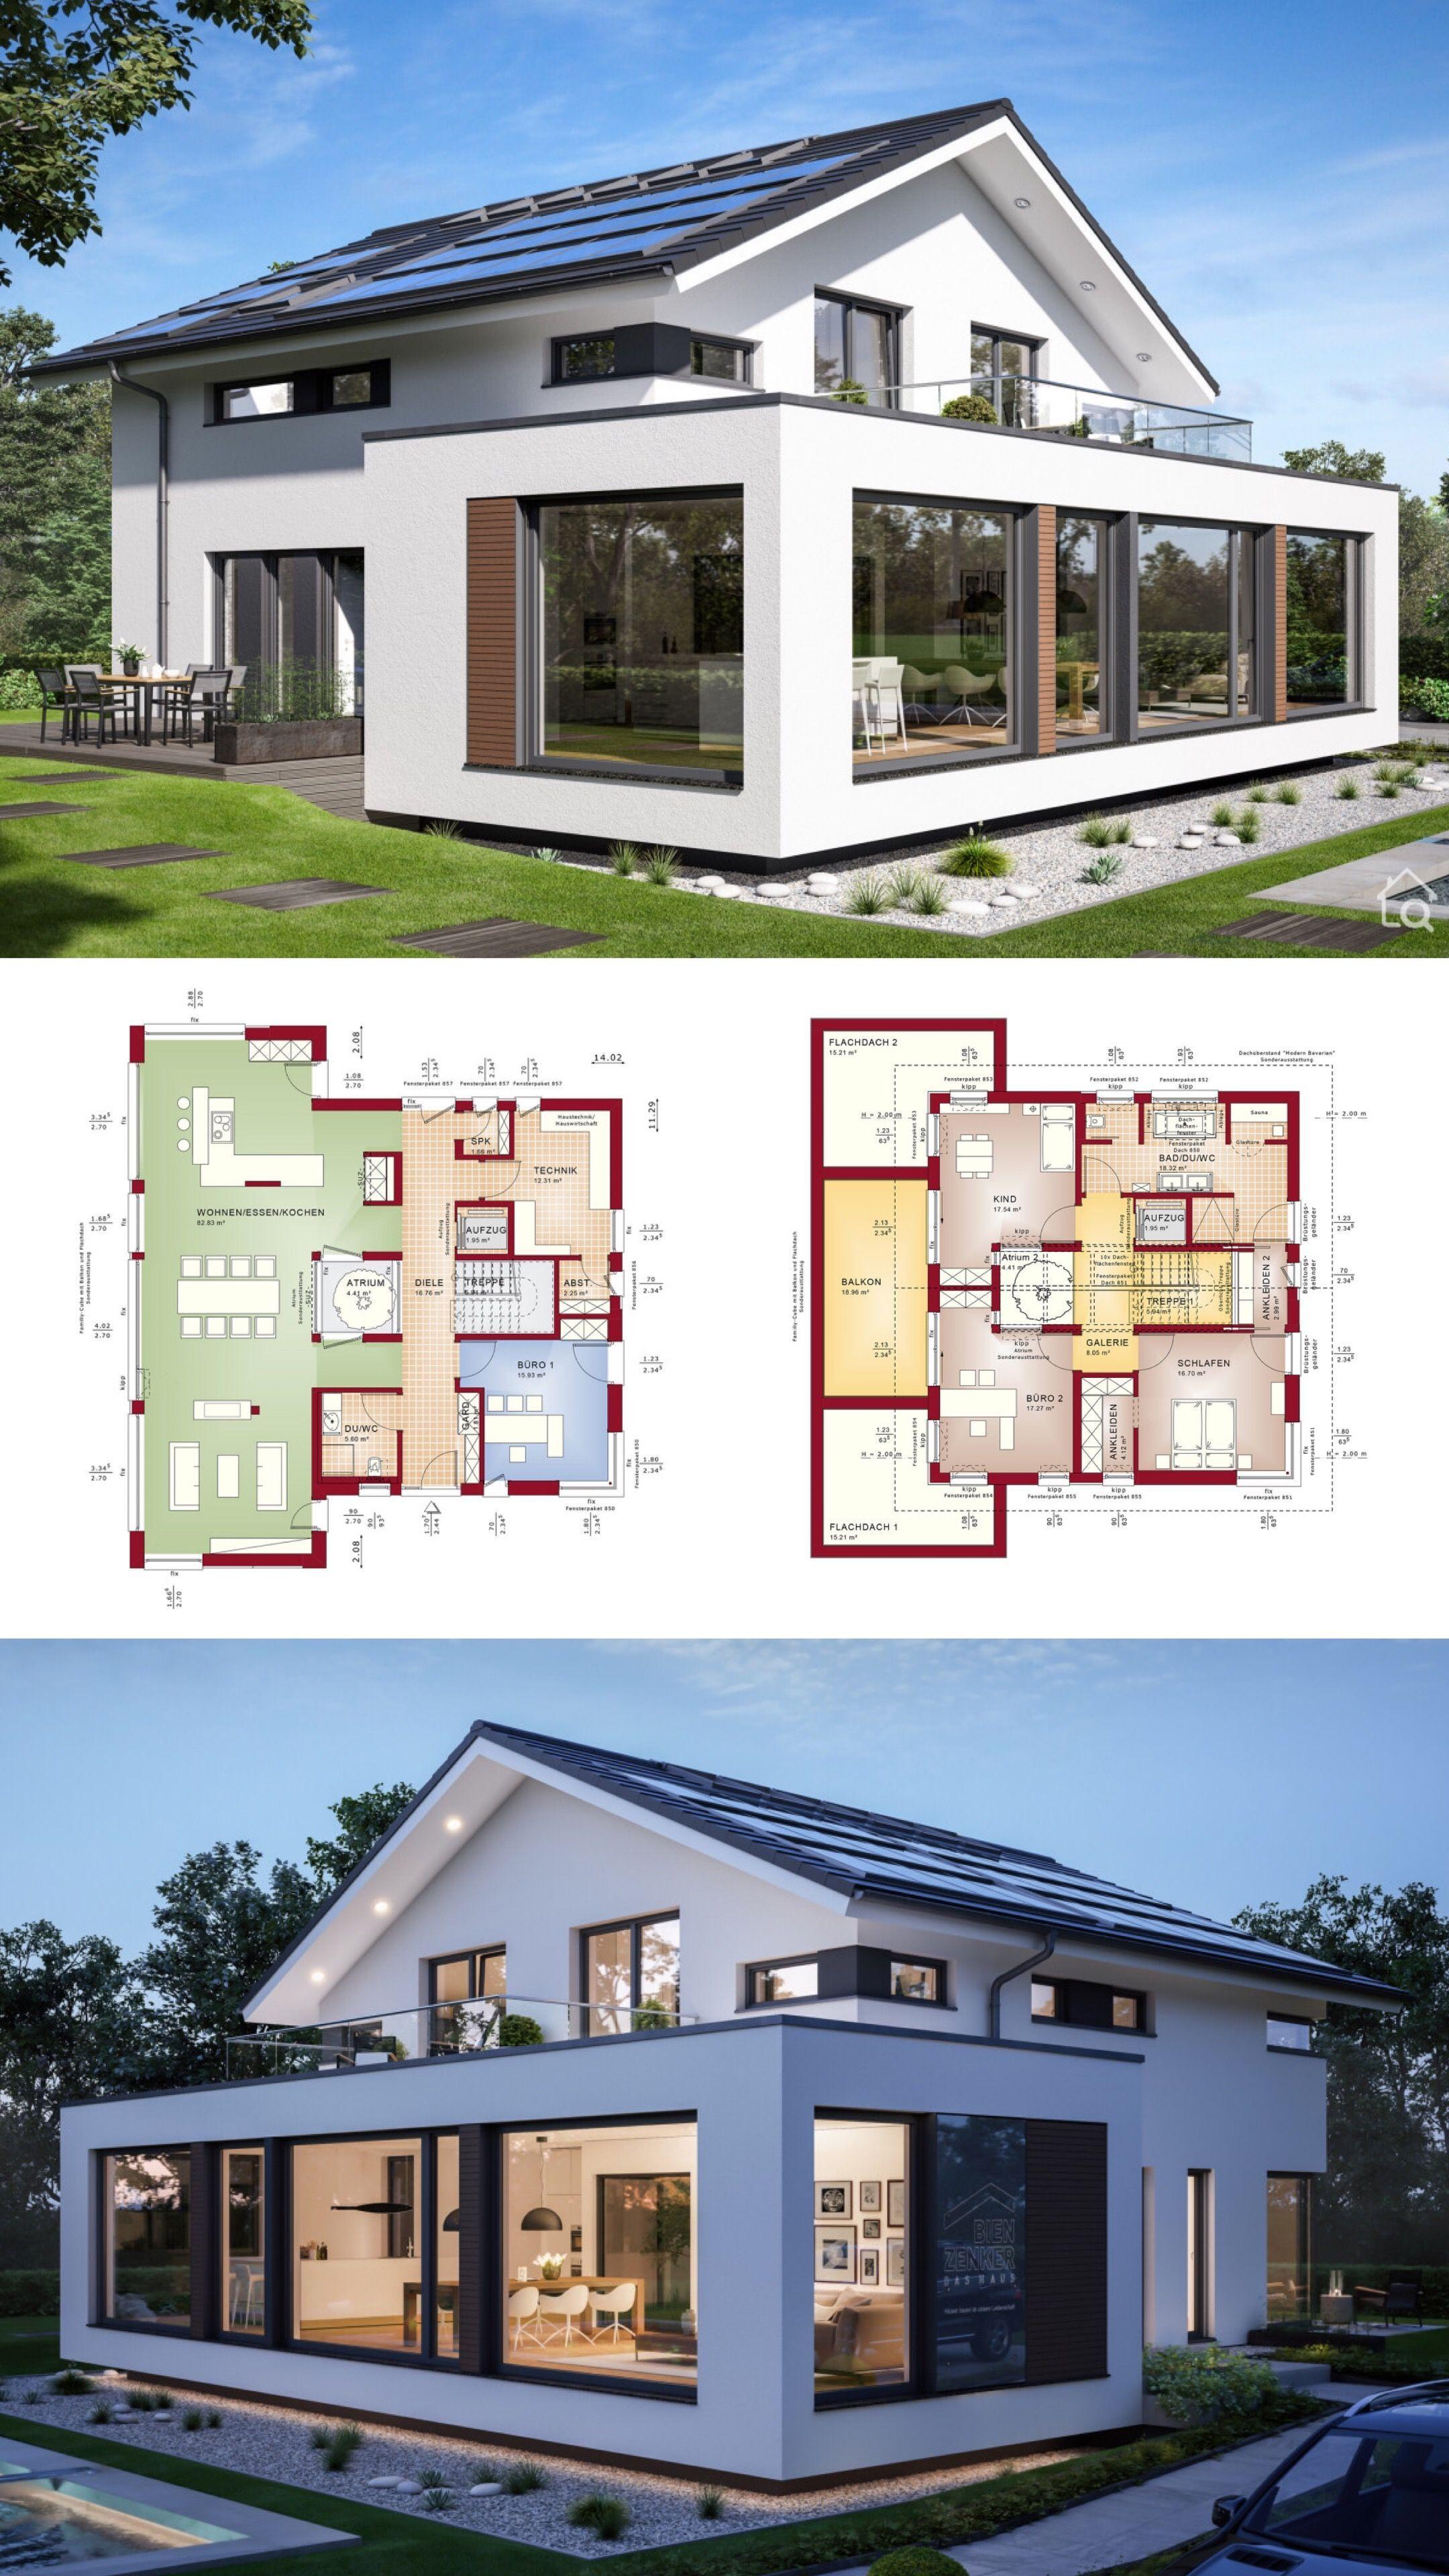 Fertighaus modern mit Satteldach & großem Wintergarten